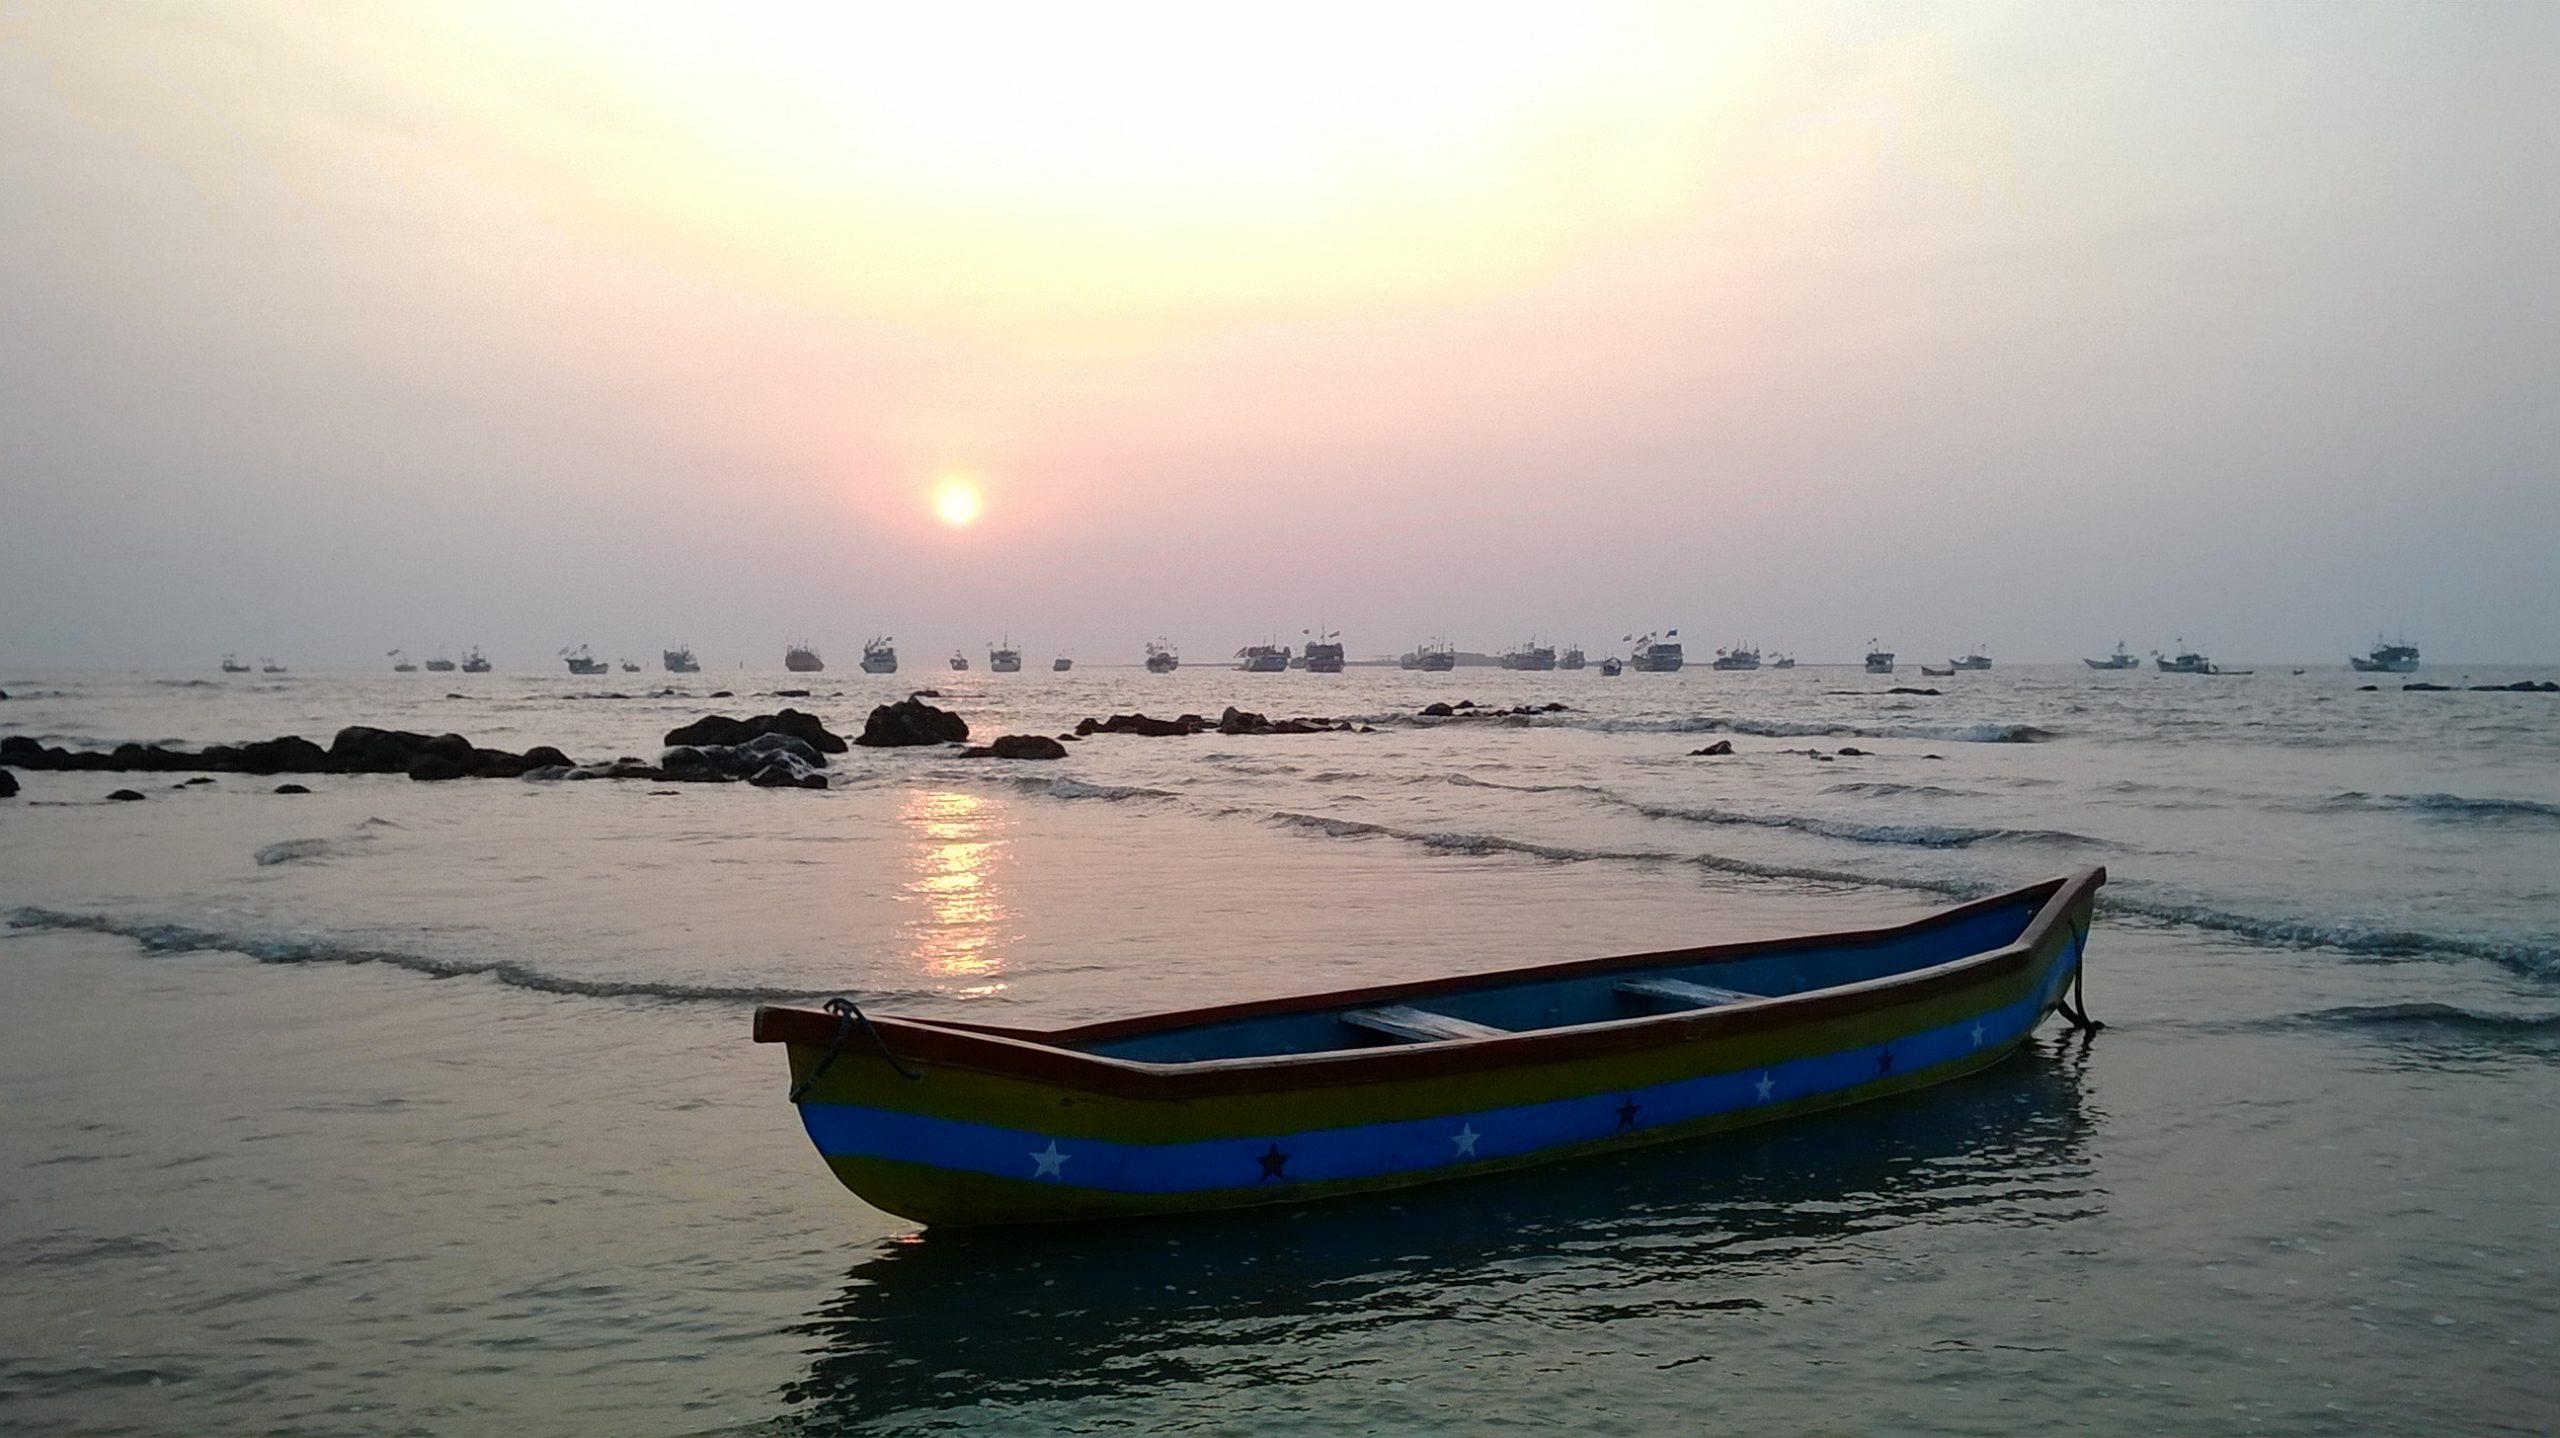 Best Mumbai Beach You Must Visit-Gorai Beach (Borivli)